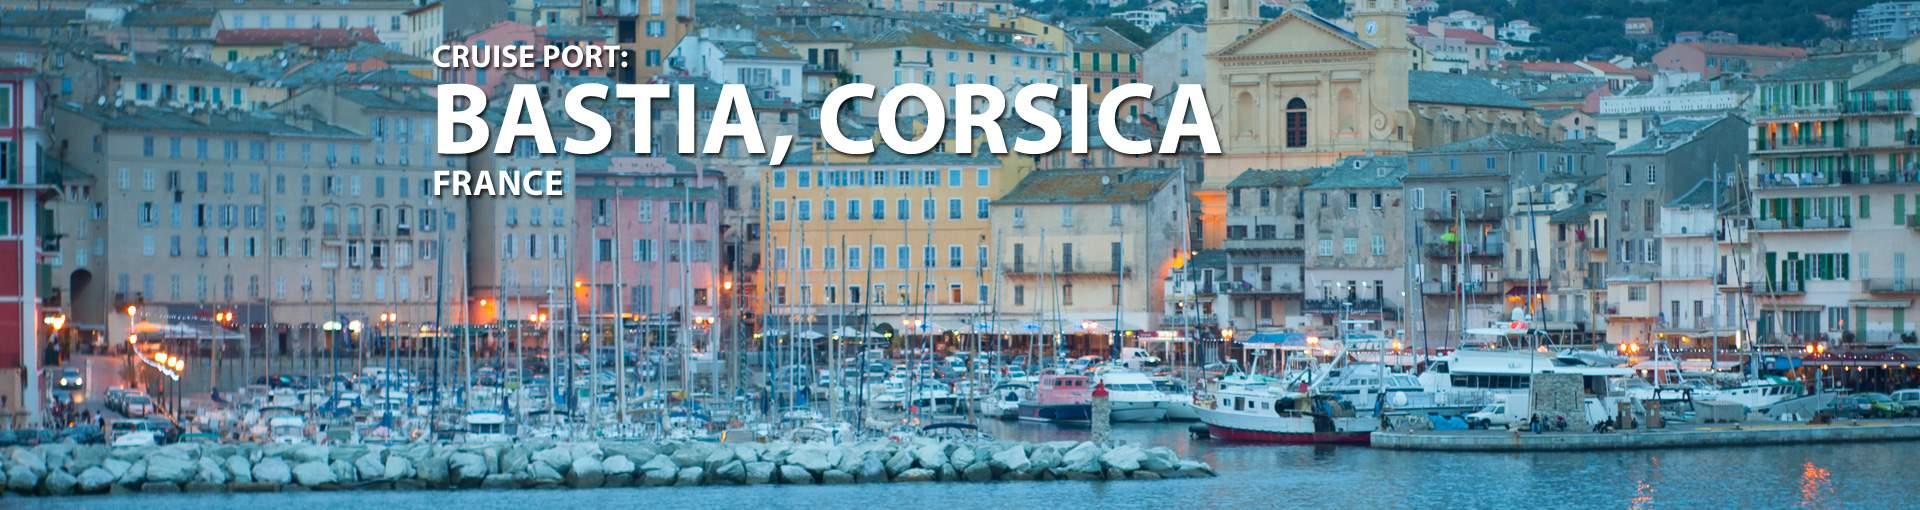 Cruises to Bastia, Corsica, France